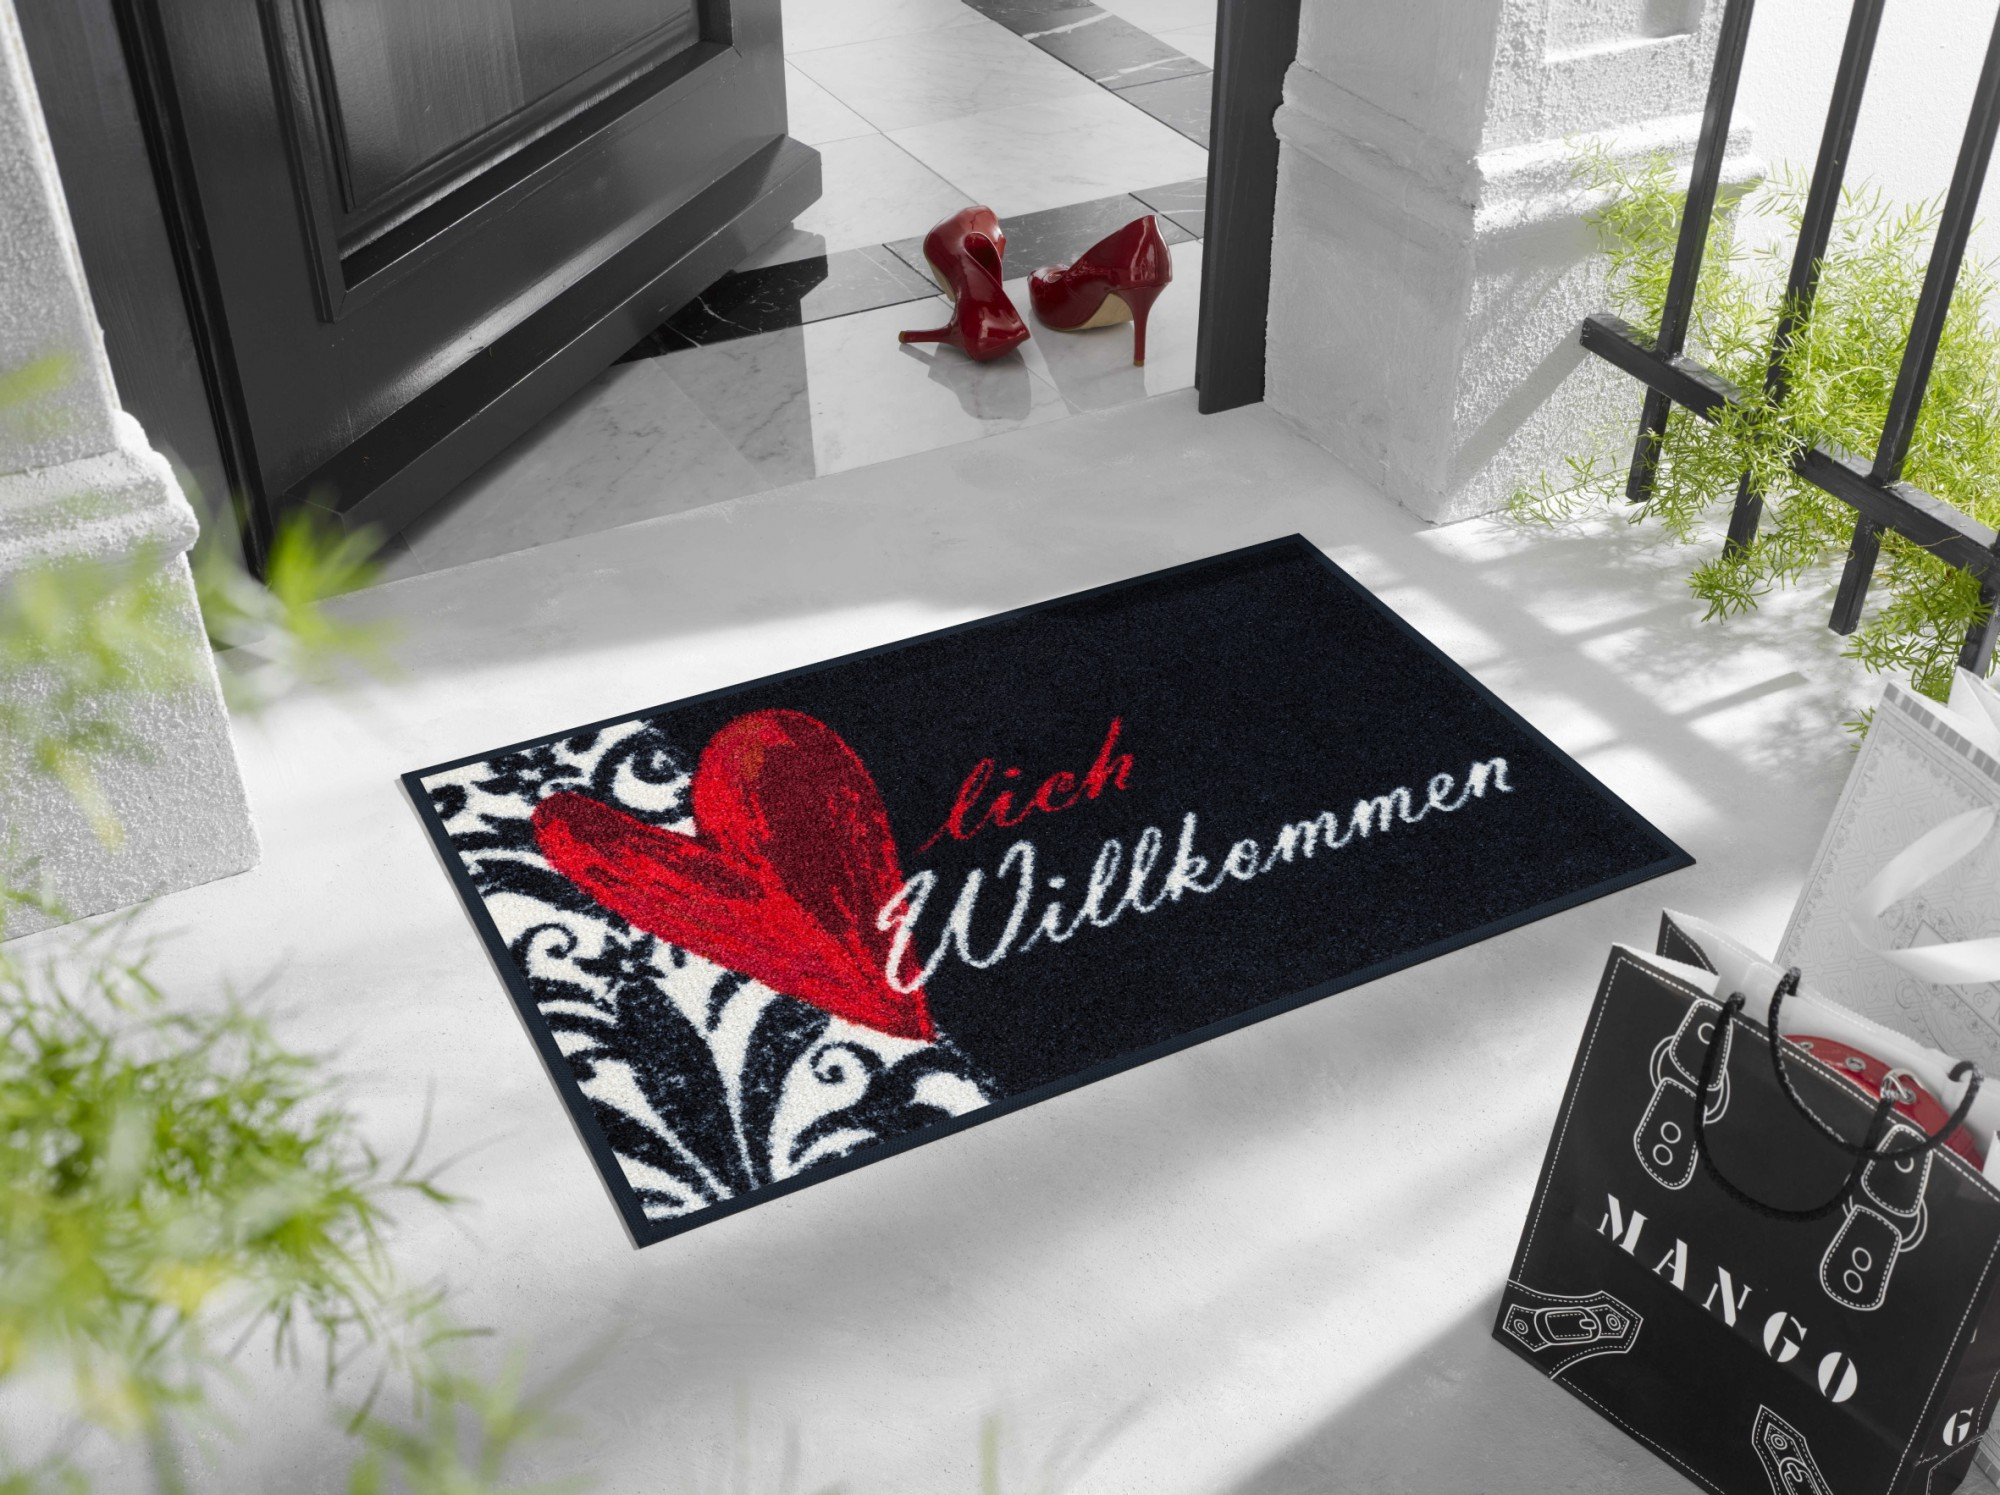 herzlich willkommen 50 x 75 cm waschbare fu matte wash dry. Black Bedroom Furniture Sets. Home Design Ideas